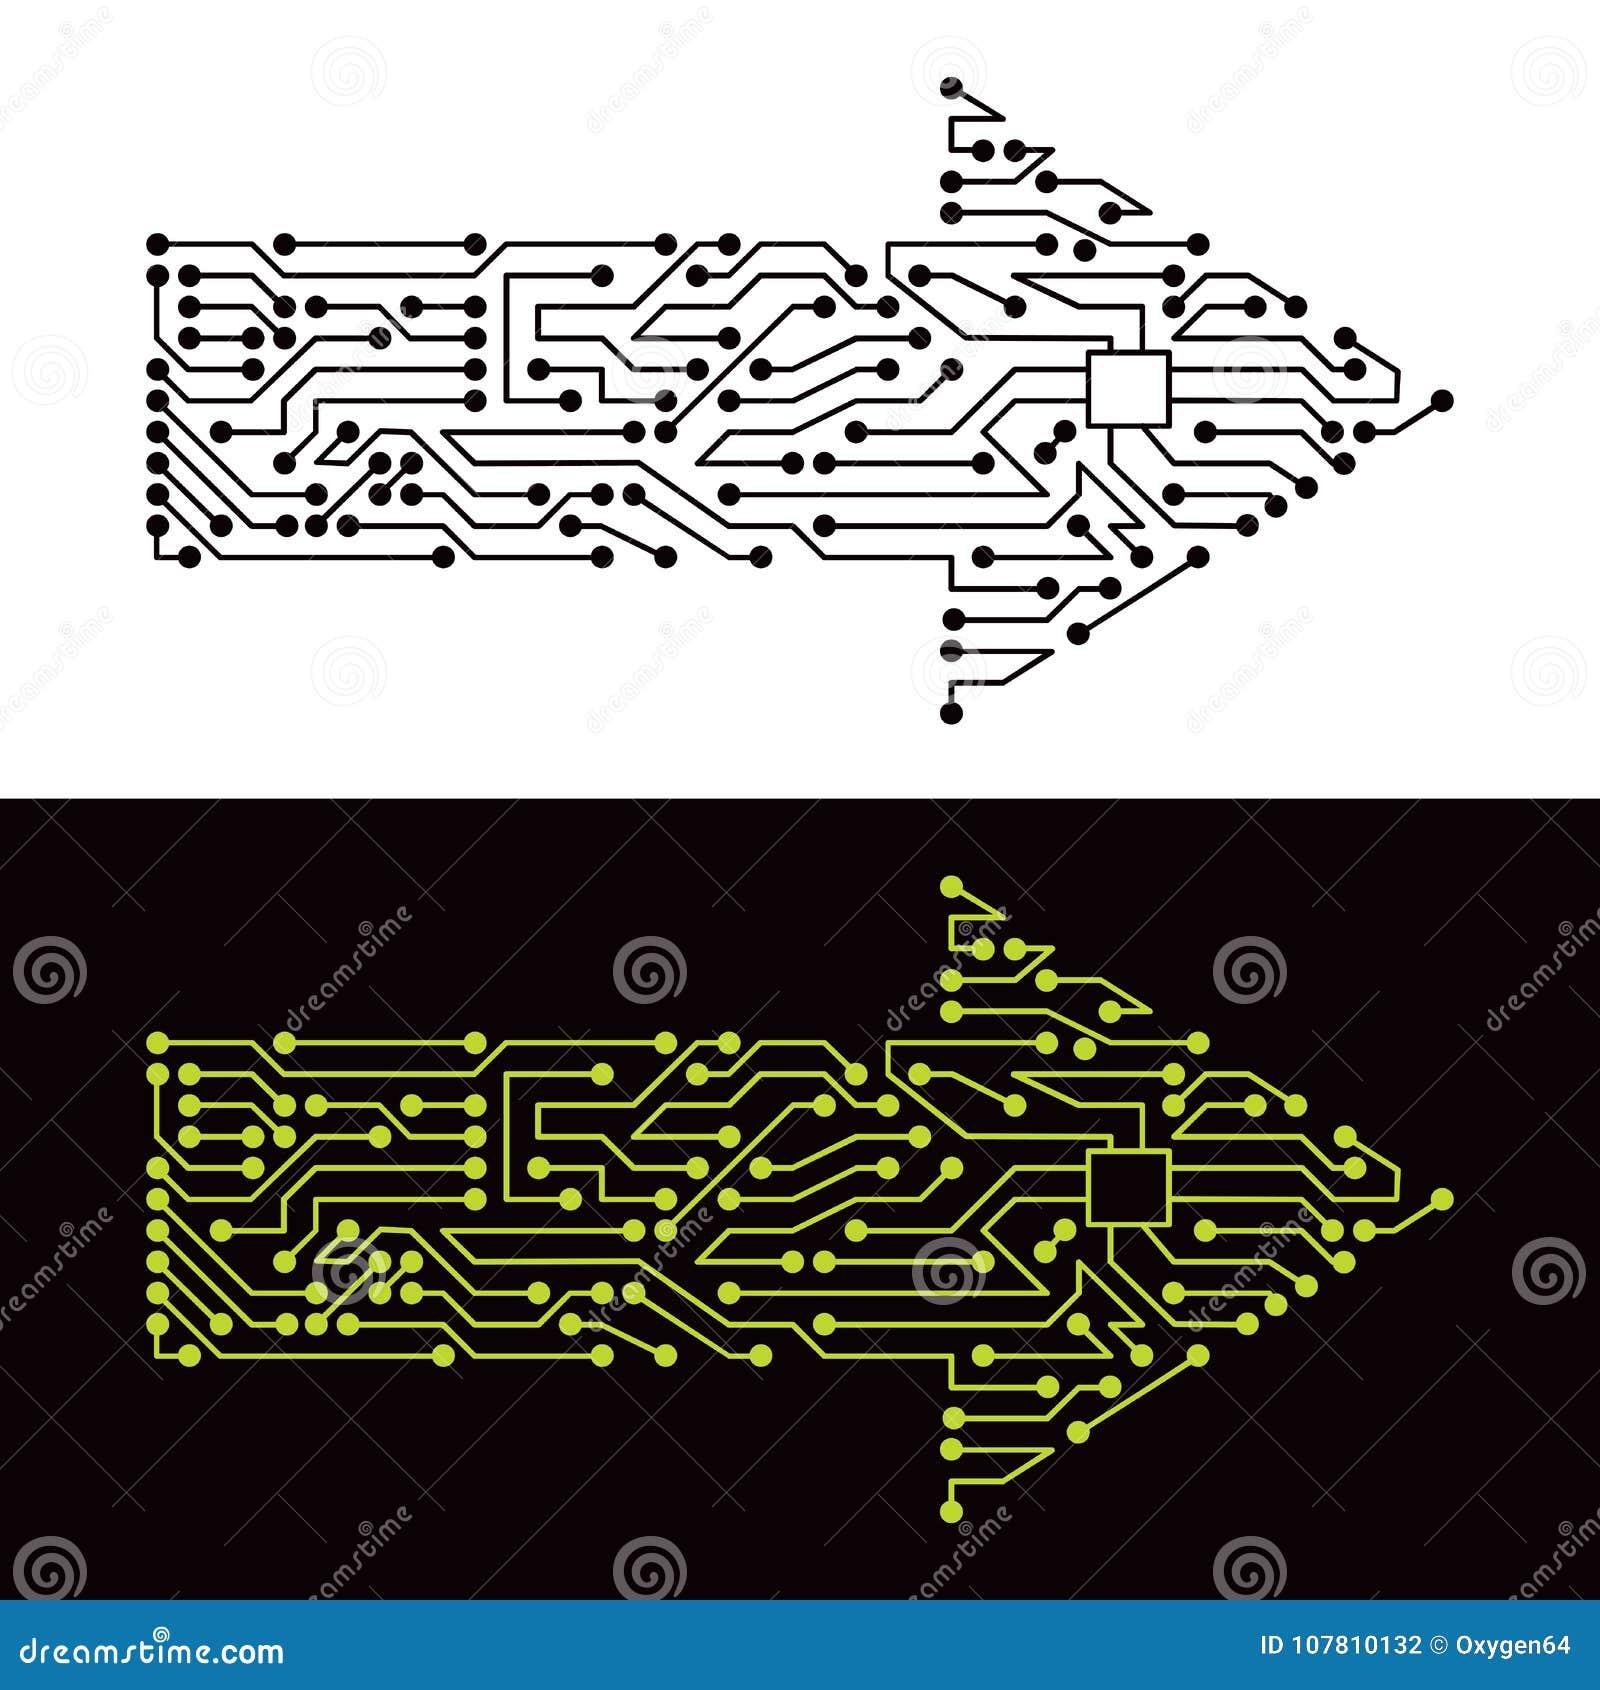 Schema Elettrico Frecce : Telaio t dal al impianto elettrico smr